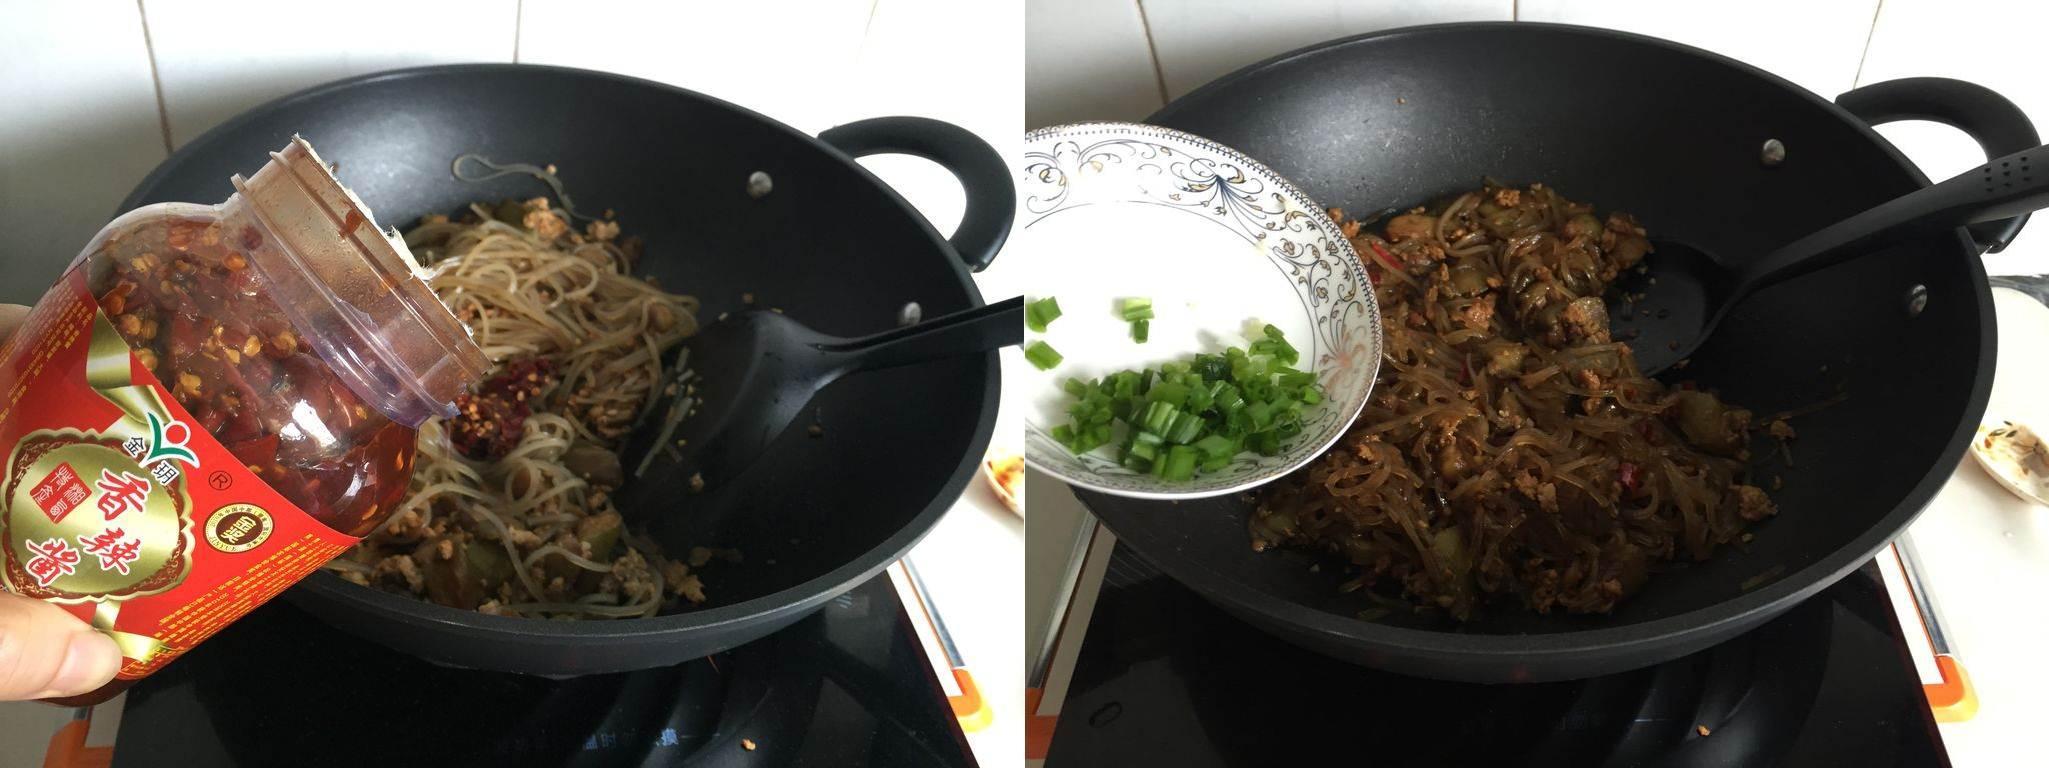 Bữa sáng thật ngon với miến xào thịt bằm giản dị-4